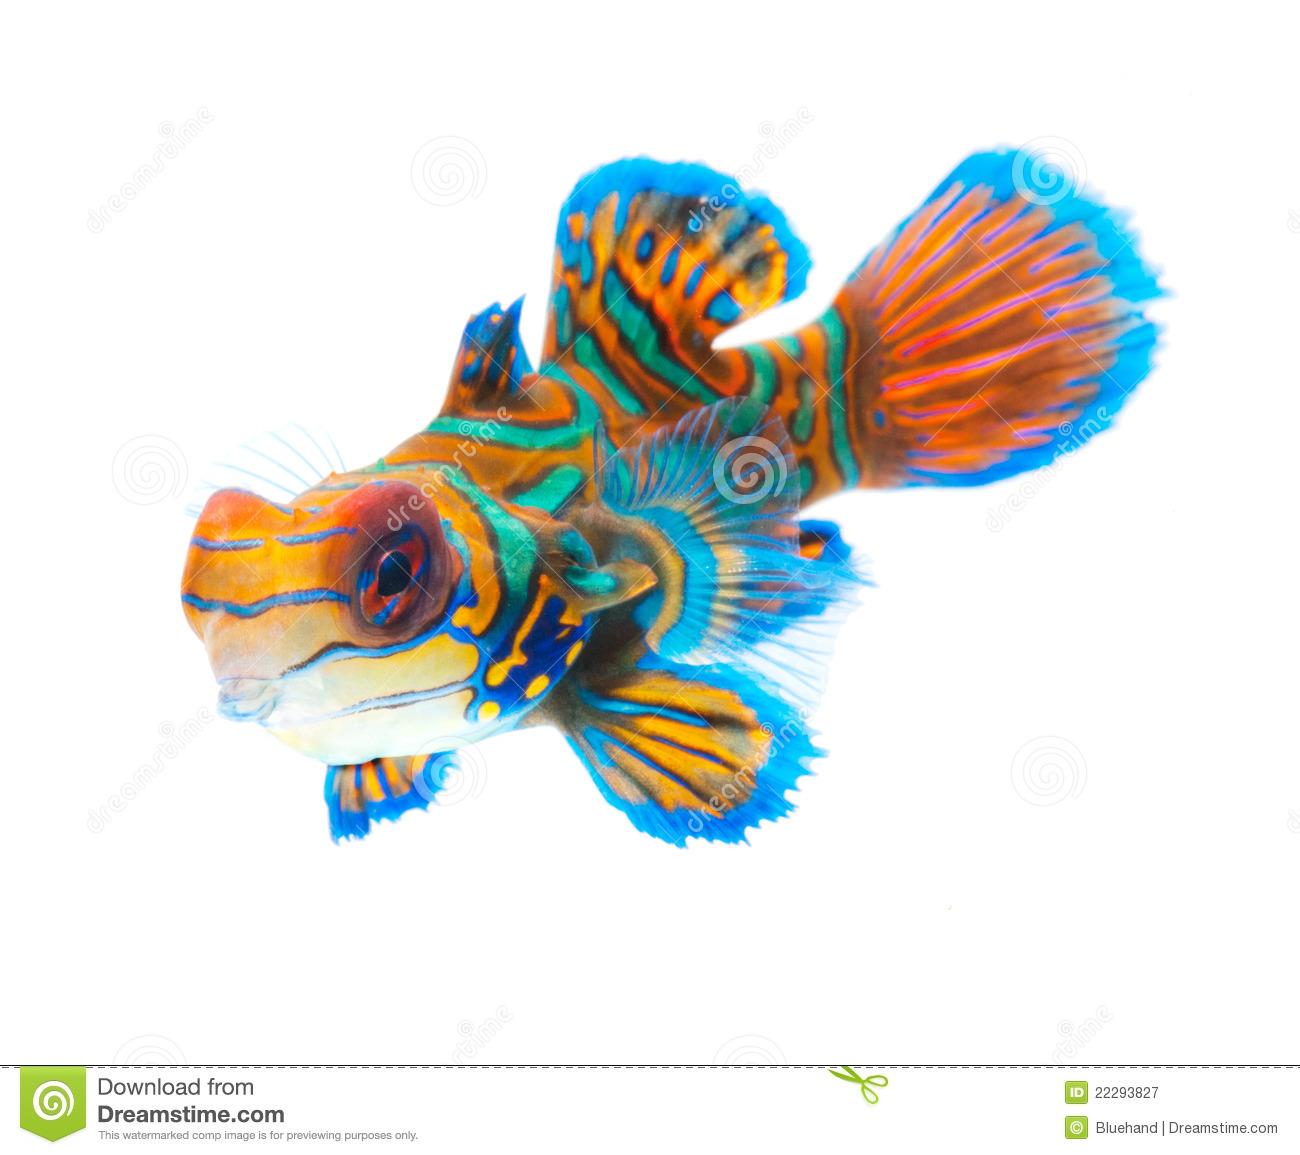 Mandarinfish clipart #2, Download drawings